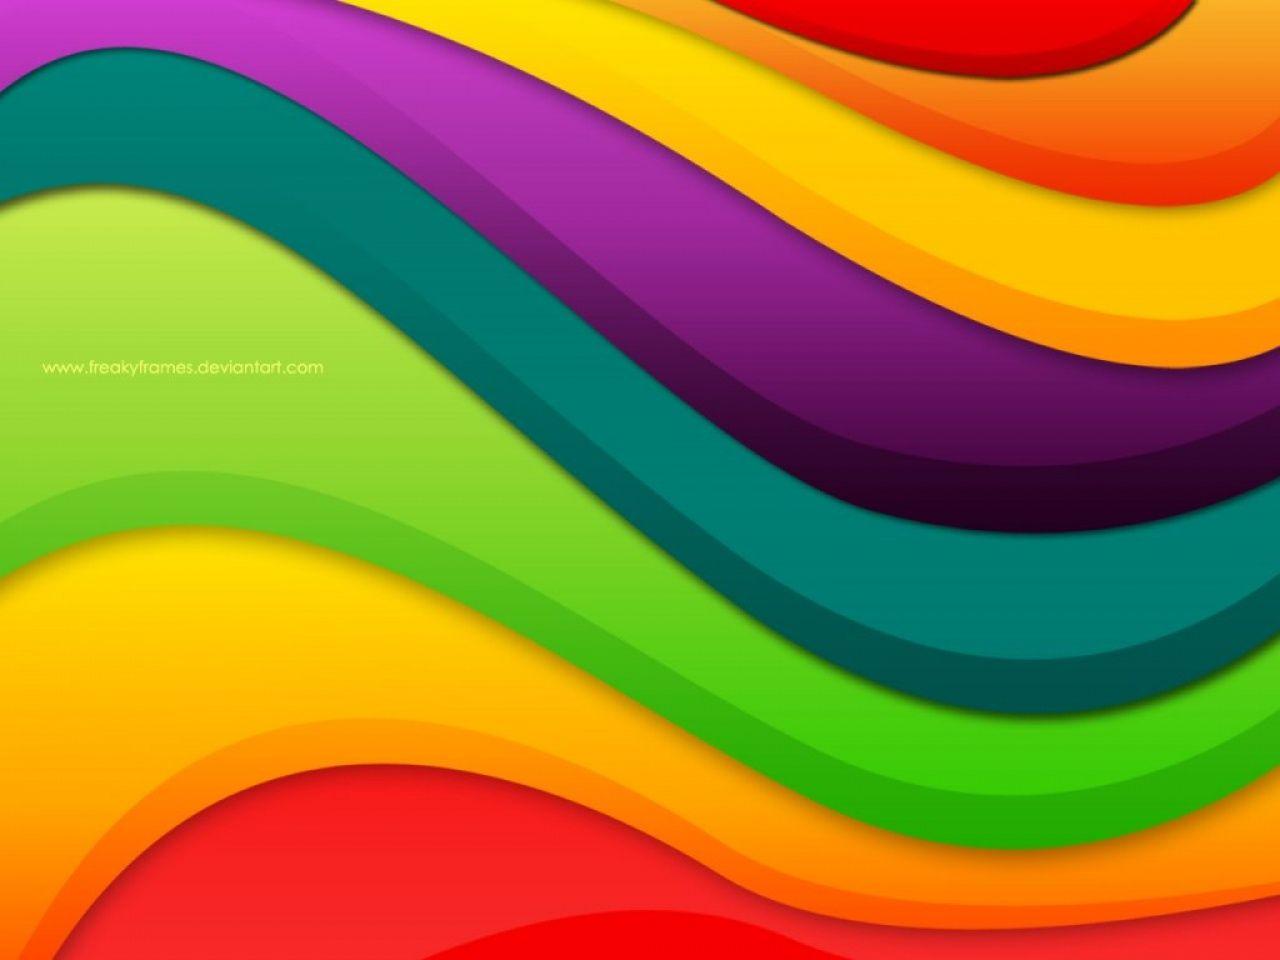 Fondos Abstractos De Colores: Fondos Abstractos Infantiles Para Fondo Celular En Hd 16